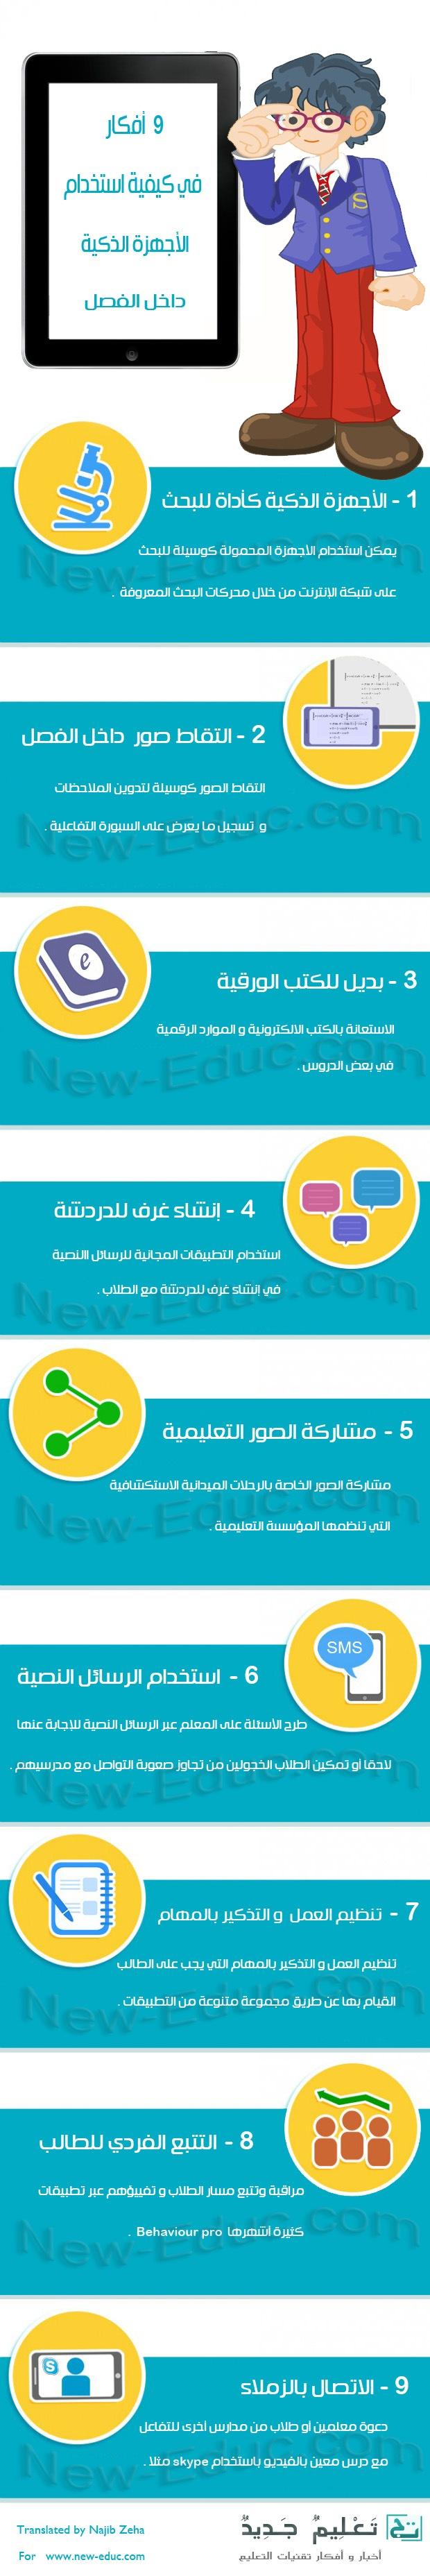 أفكار في كيفية استخدام الأجهزة الذكية داخل الفصل Http Www New Educ Com Conseils Pour Utiliser Les Smartphones En Classe Education Teaching Arabic Resources